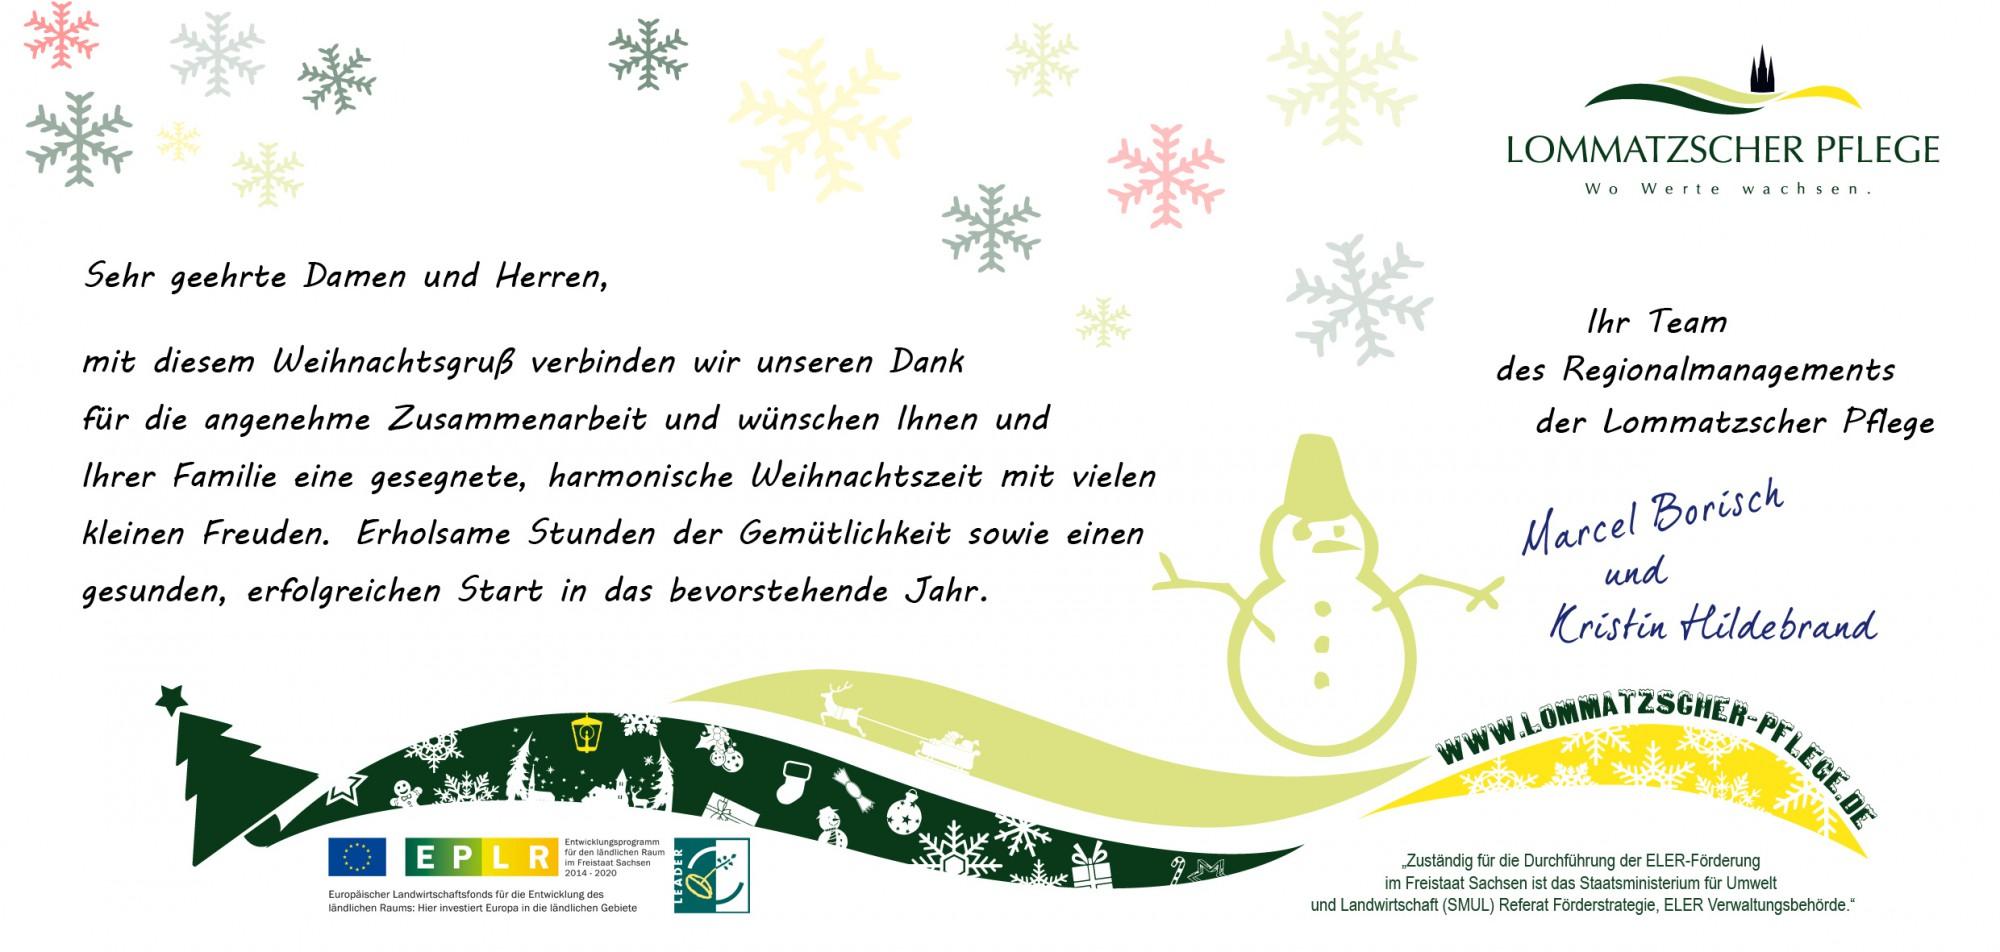 Frohe weihnachten einen guten rutsch lommatzscher pflege - Bilder weihnachtspost ...